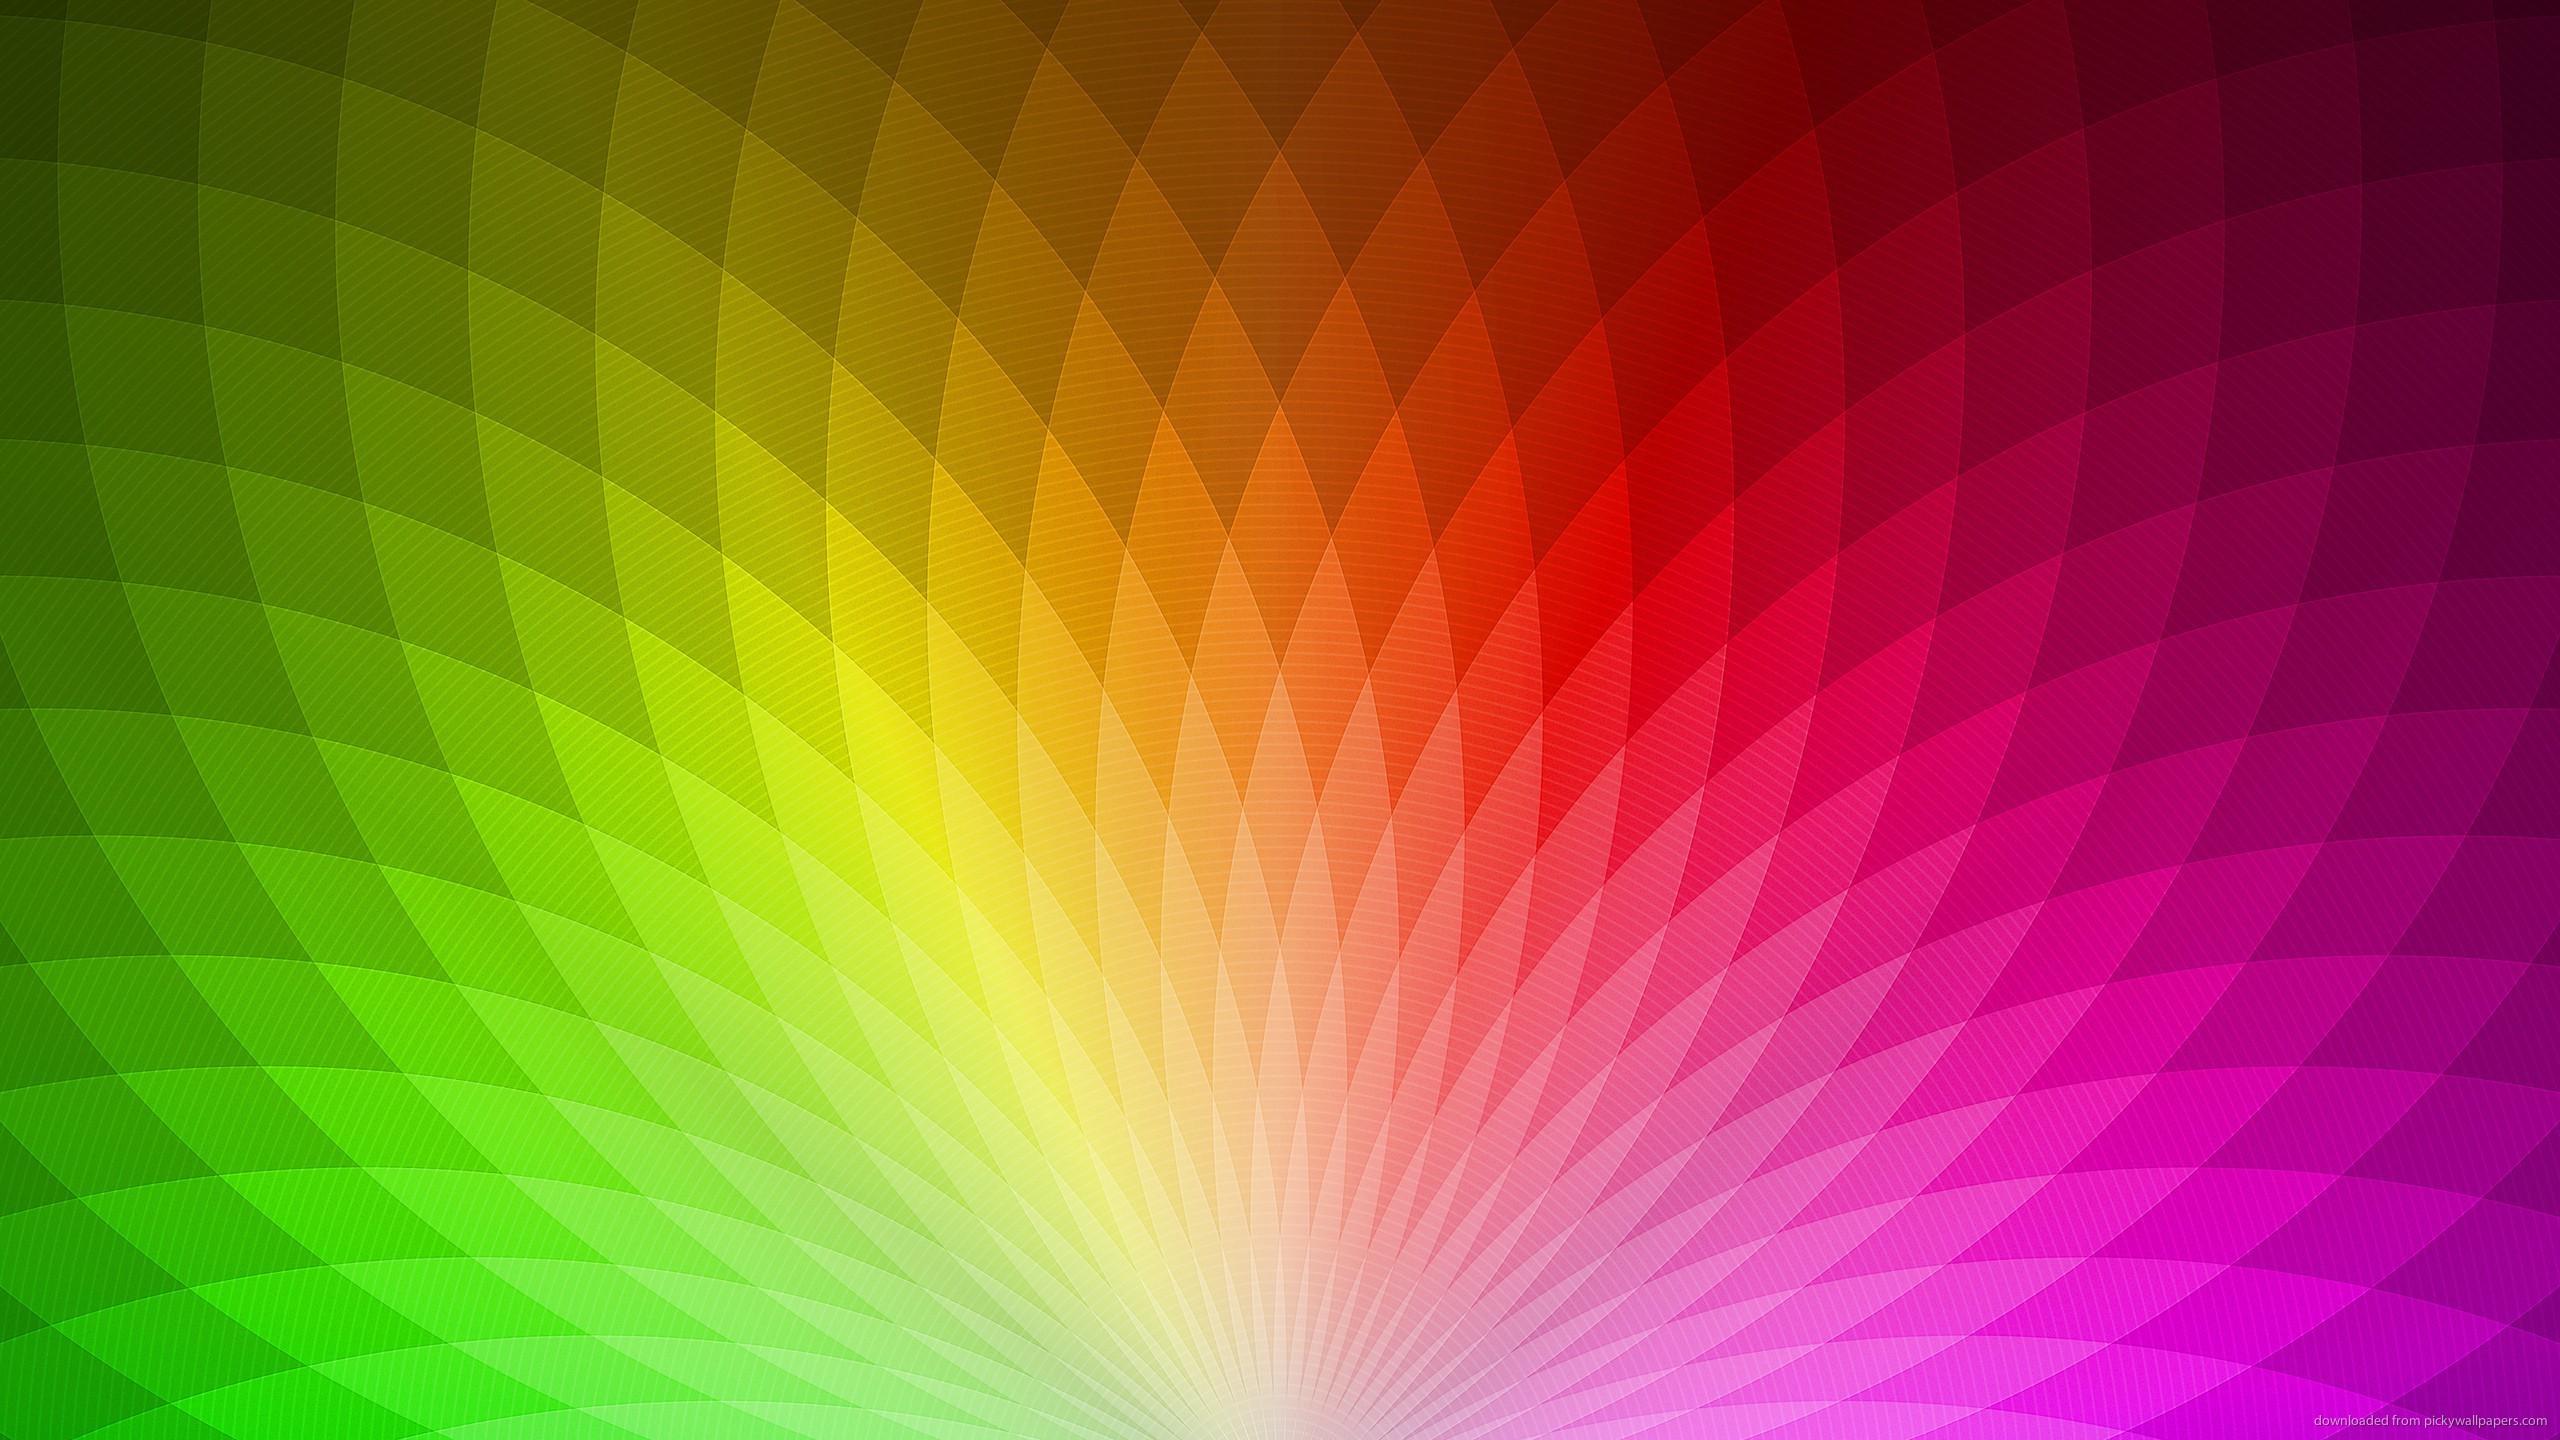 Rainbow Pattern wallpaper 2560x1440 2560x1440